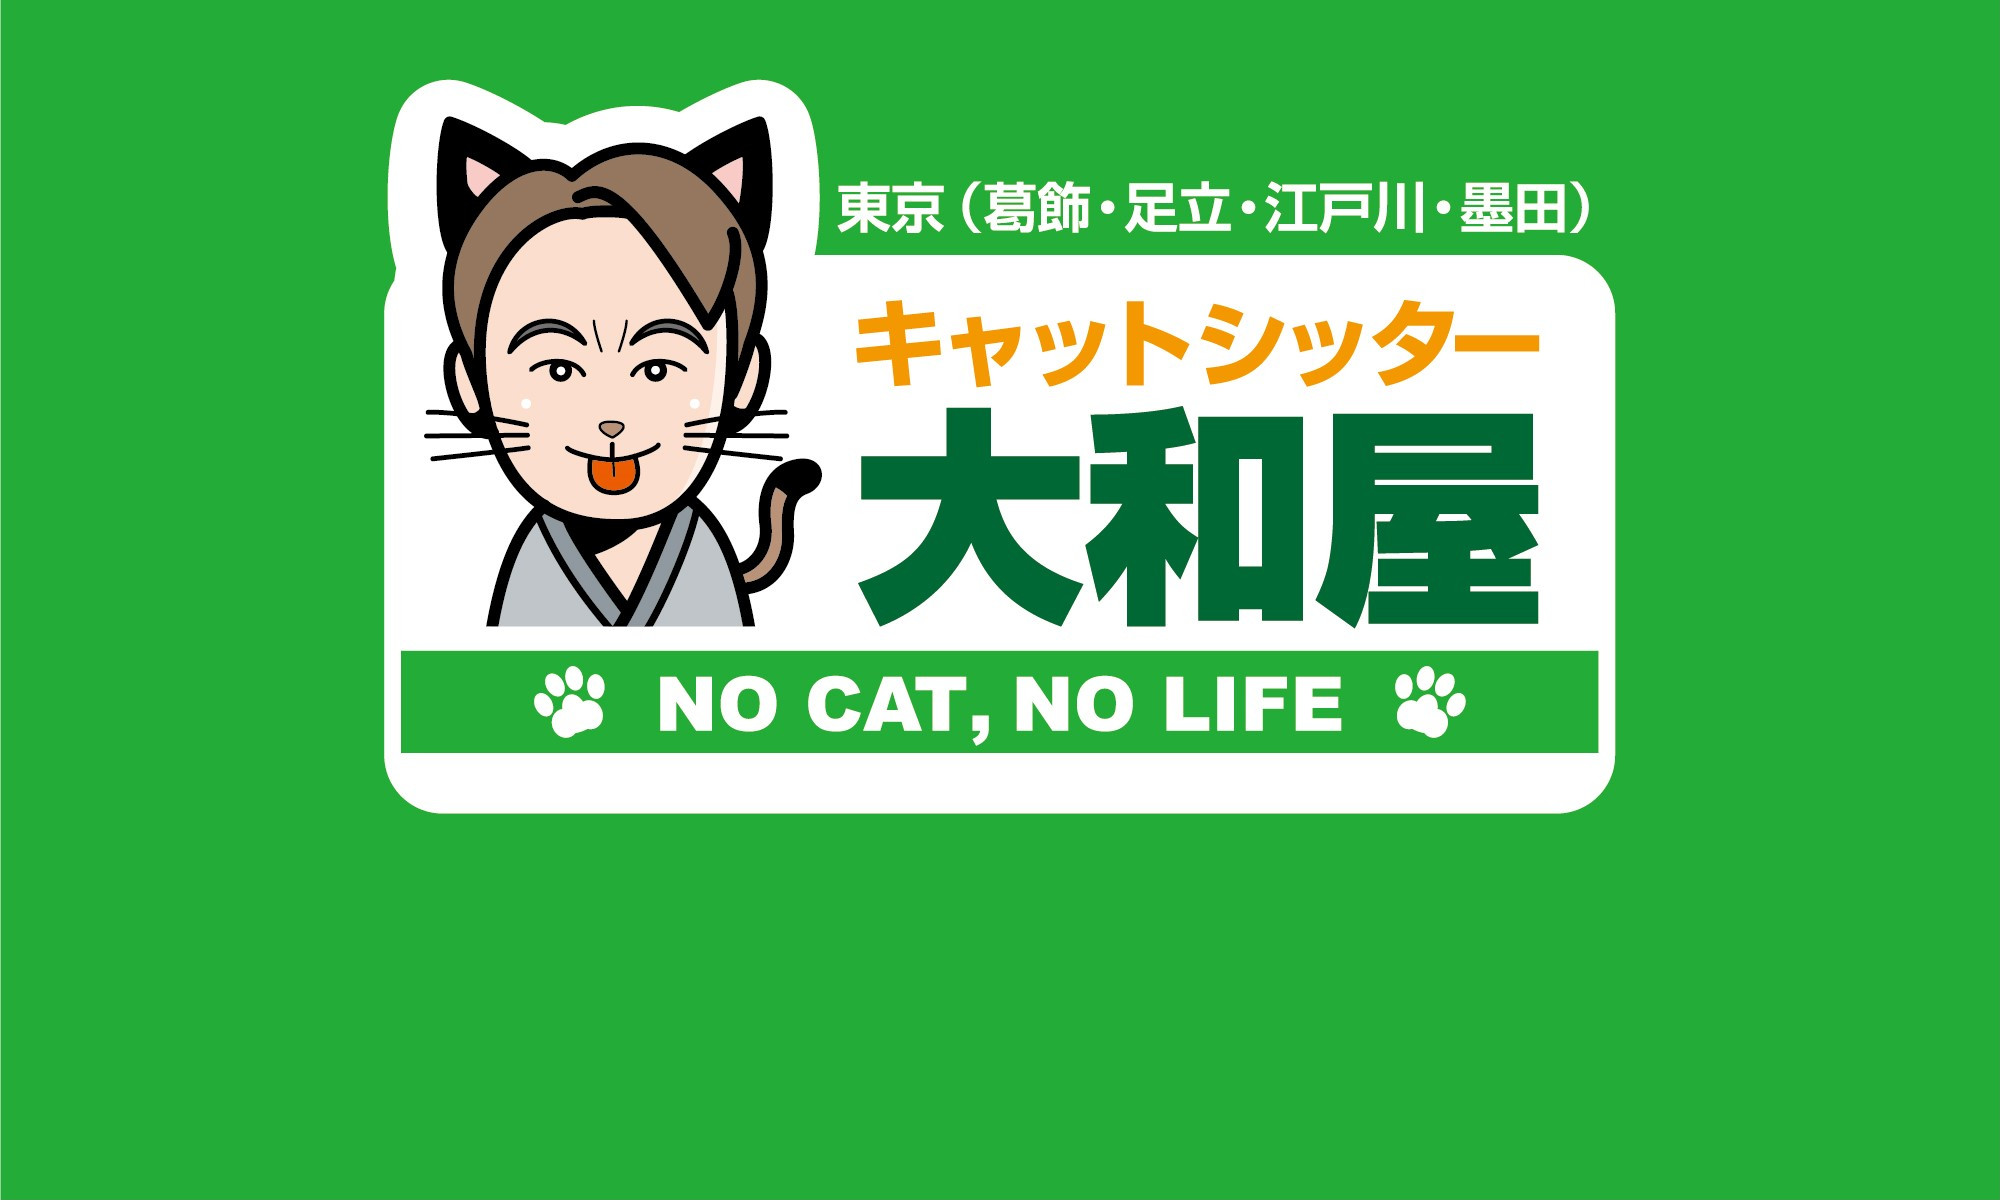 キャットシッター 大和屋(葛飾・足立・江戸川・墨田)